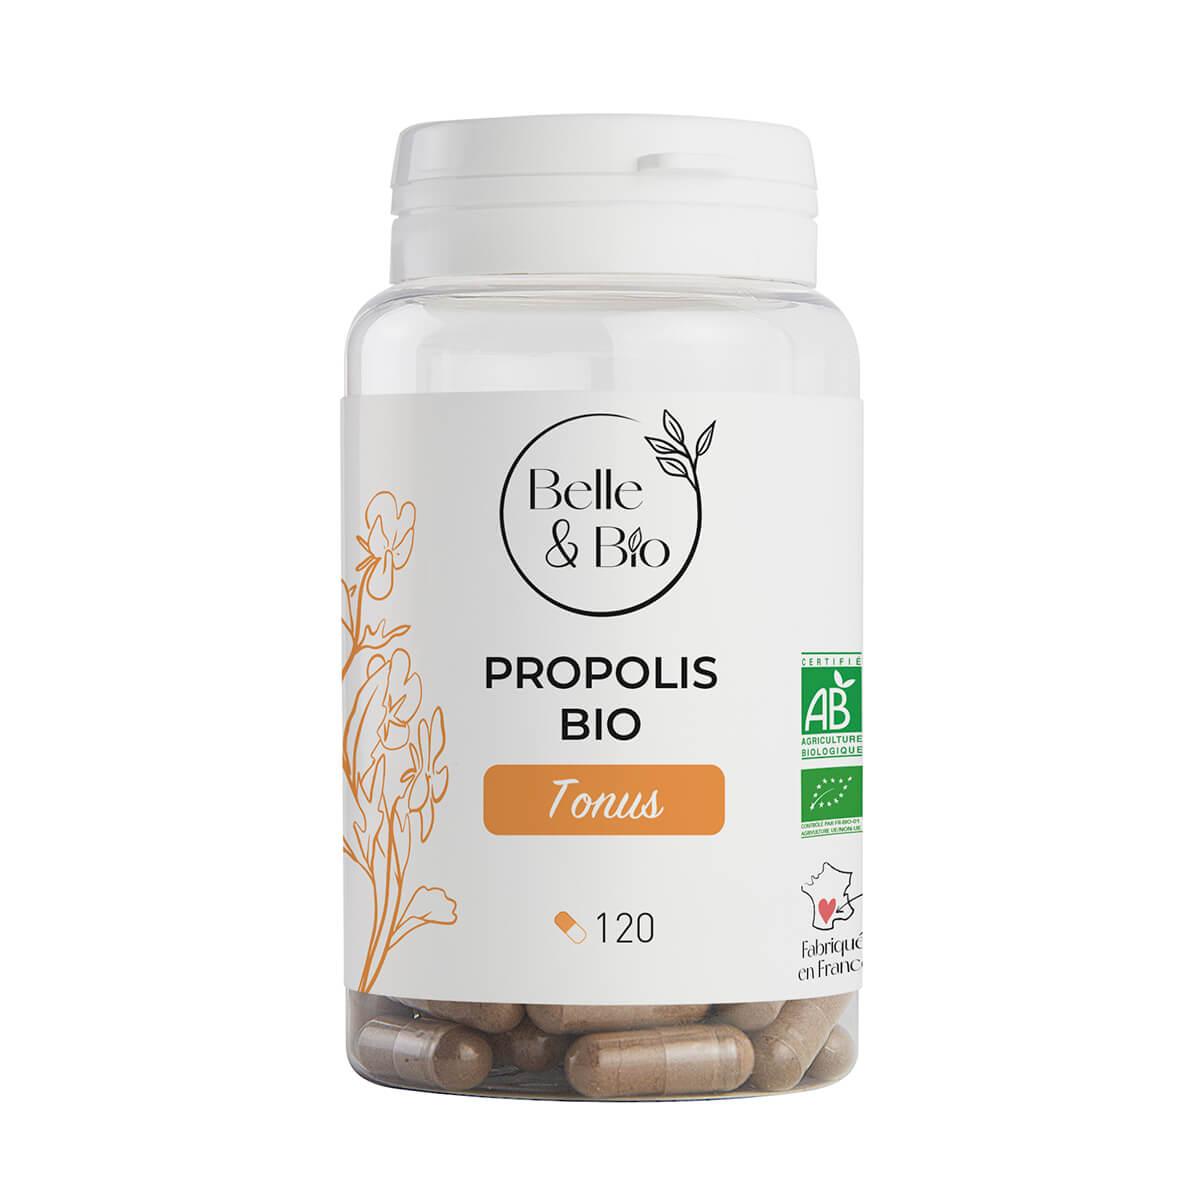 Belle & Bio - Propolis Bio - 120 Gélules - Certifié AB par Ecocert